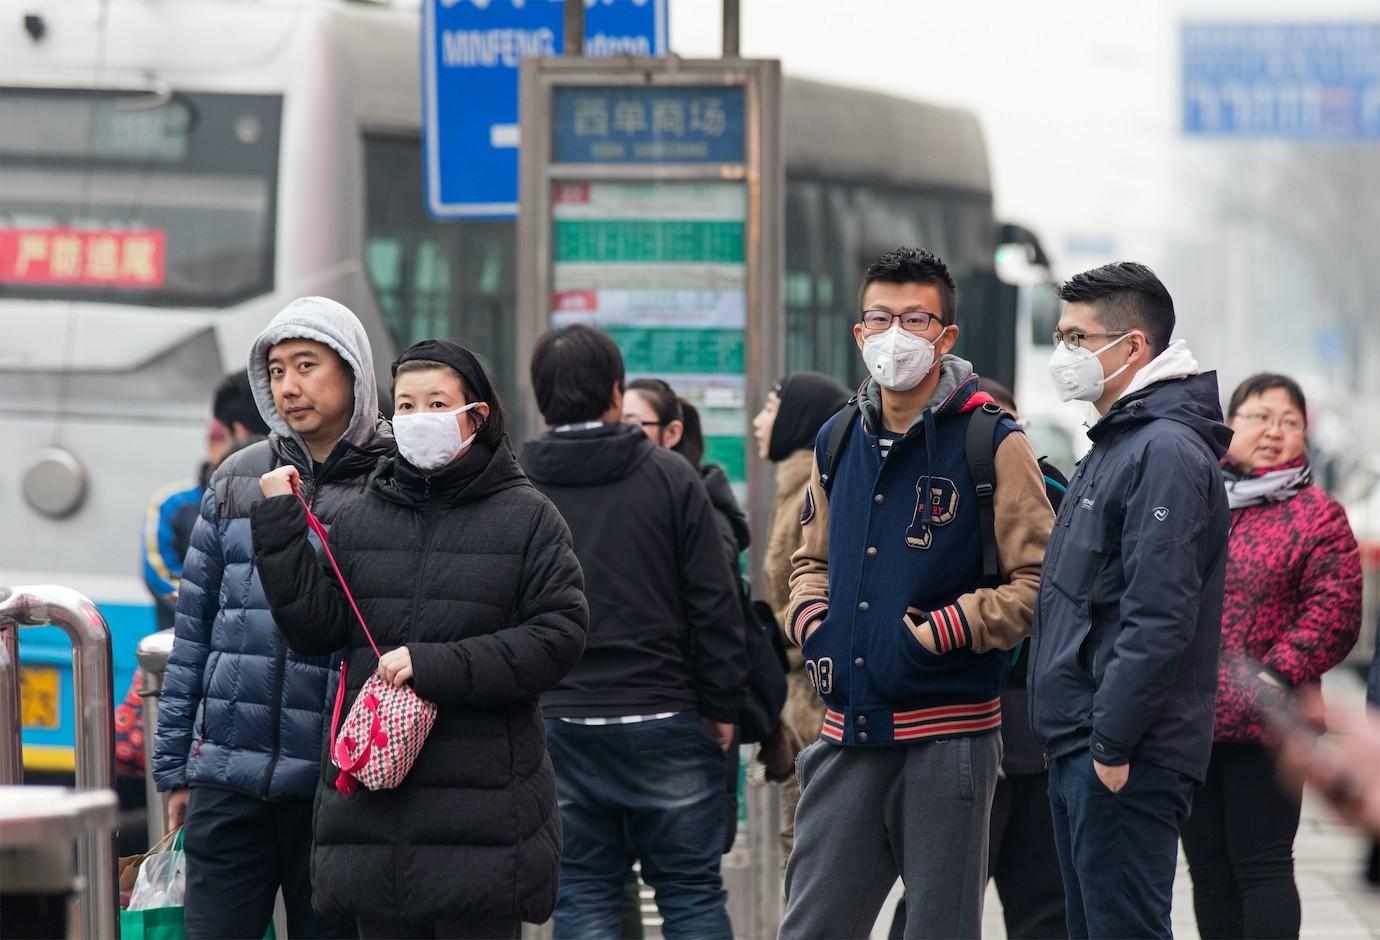 台灣第一例確診!武漢肺炎防護懶人包,一文了解傳播途徑、預防方法